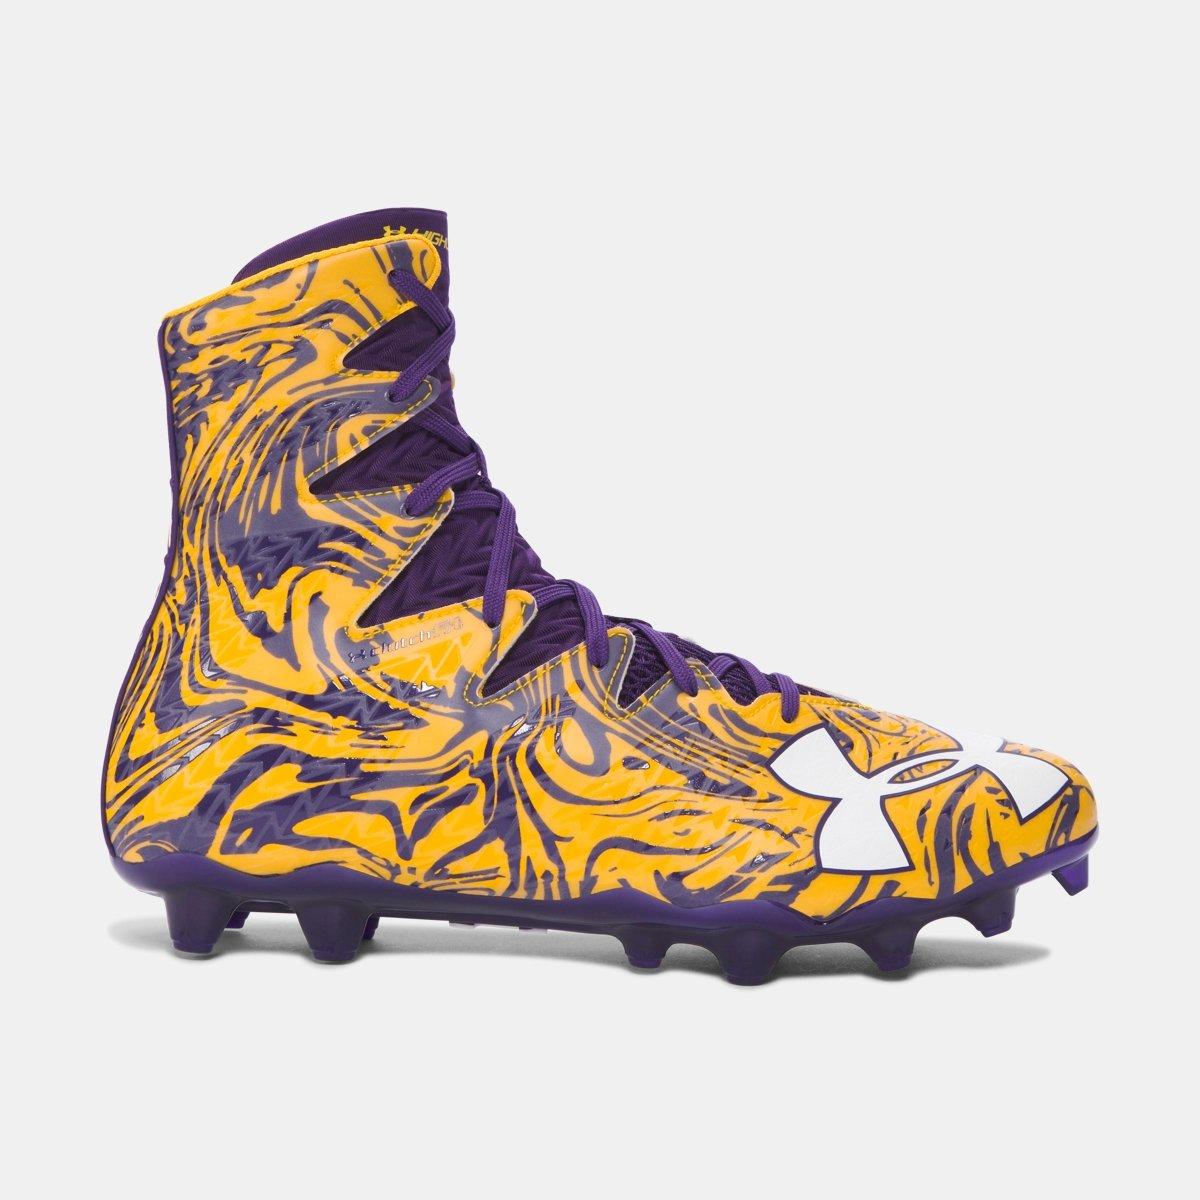 [アンダーアーマー] メンズ UA Highlight Lux MC Football Cleats [並行輸入品] B074WP1ZZR Purple 30.5 cm 30.5 cm|Purple